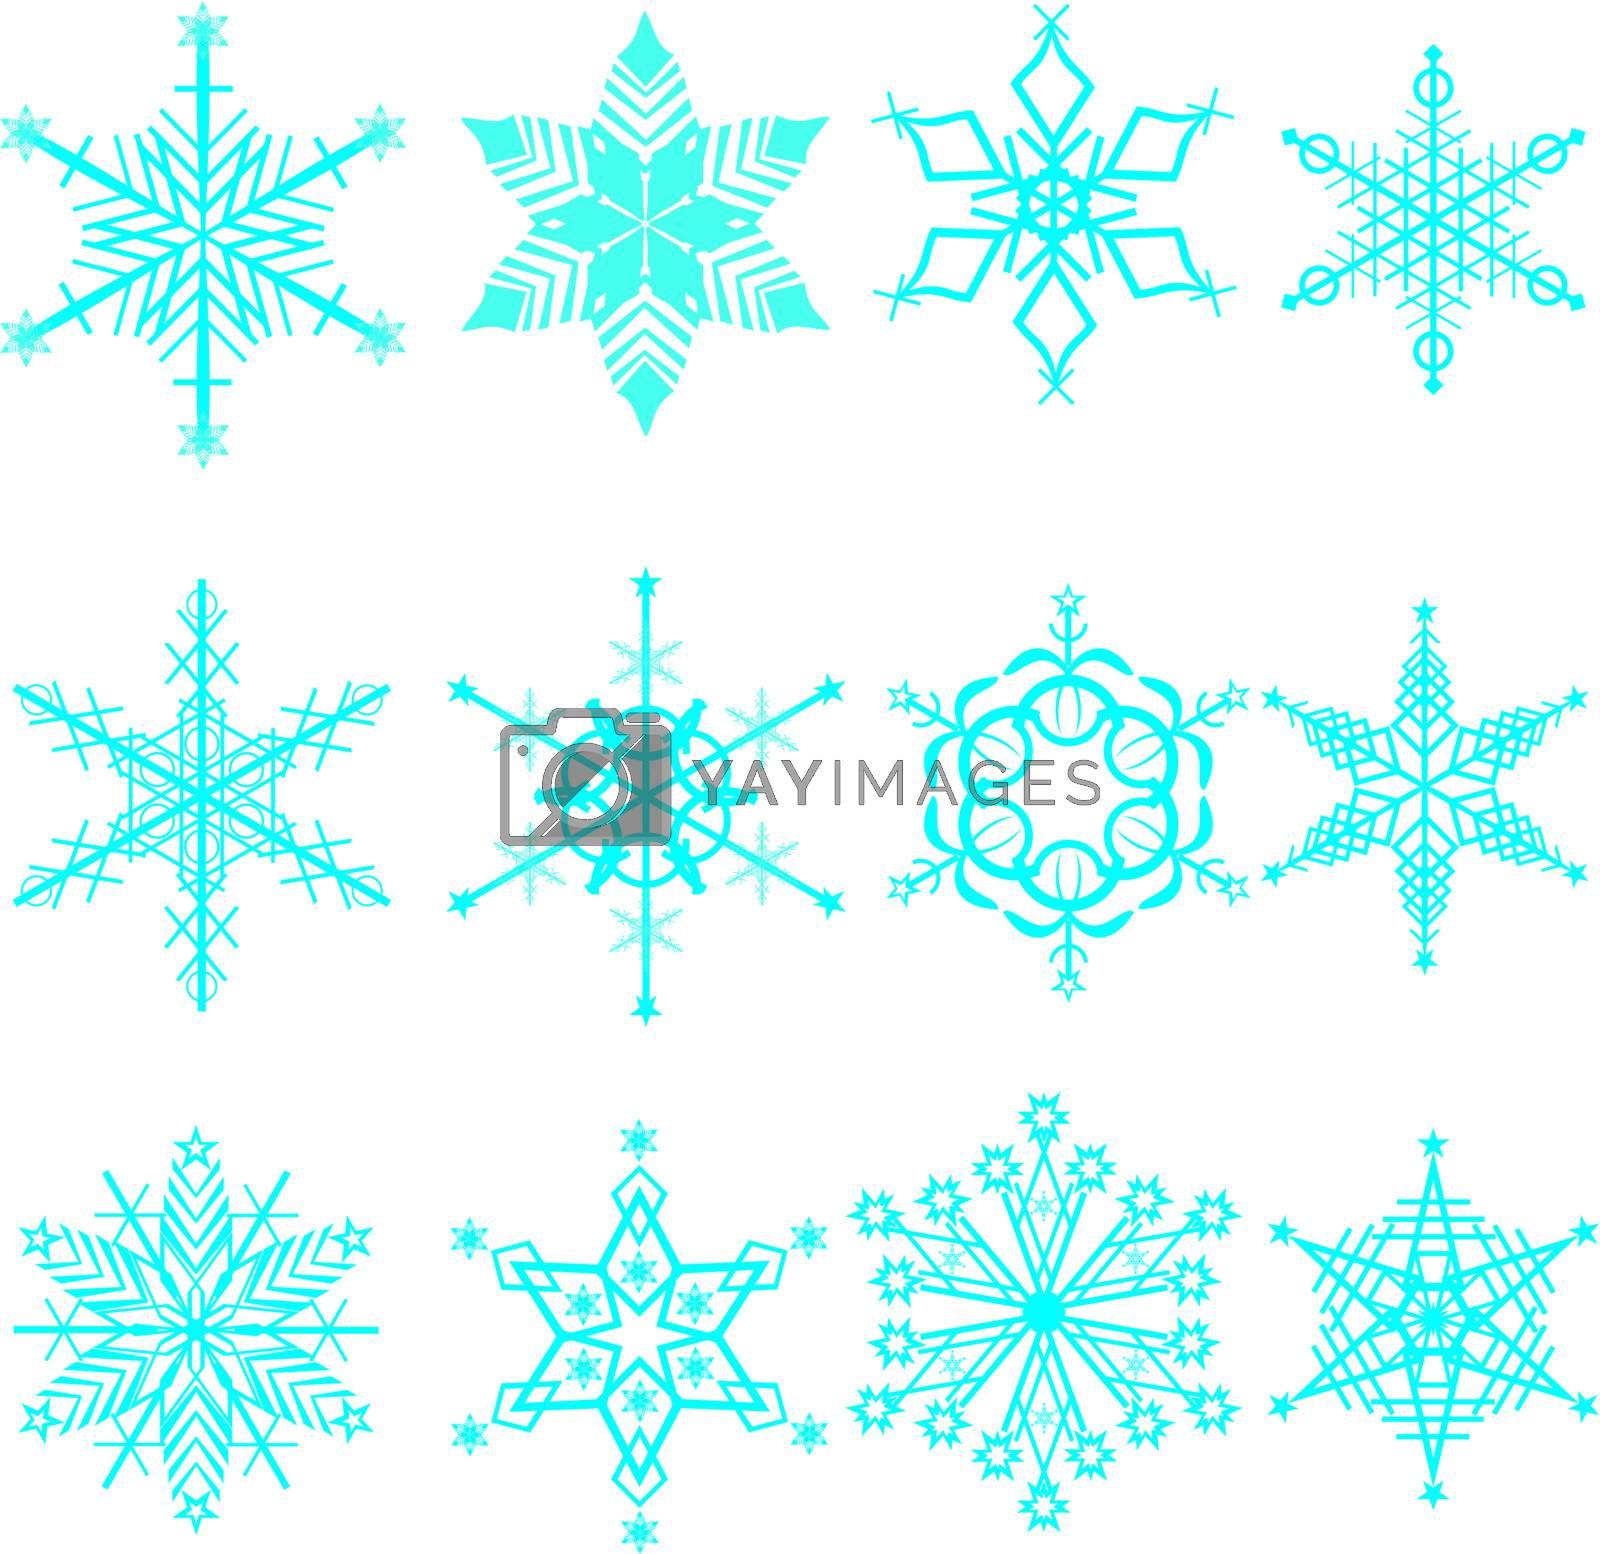 Snowflakes icon set.